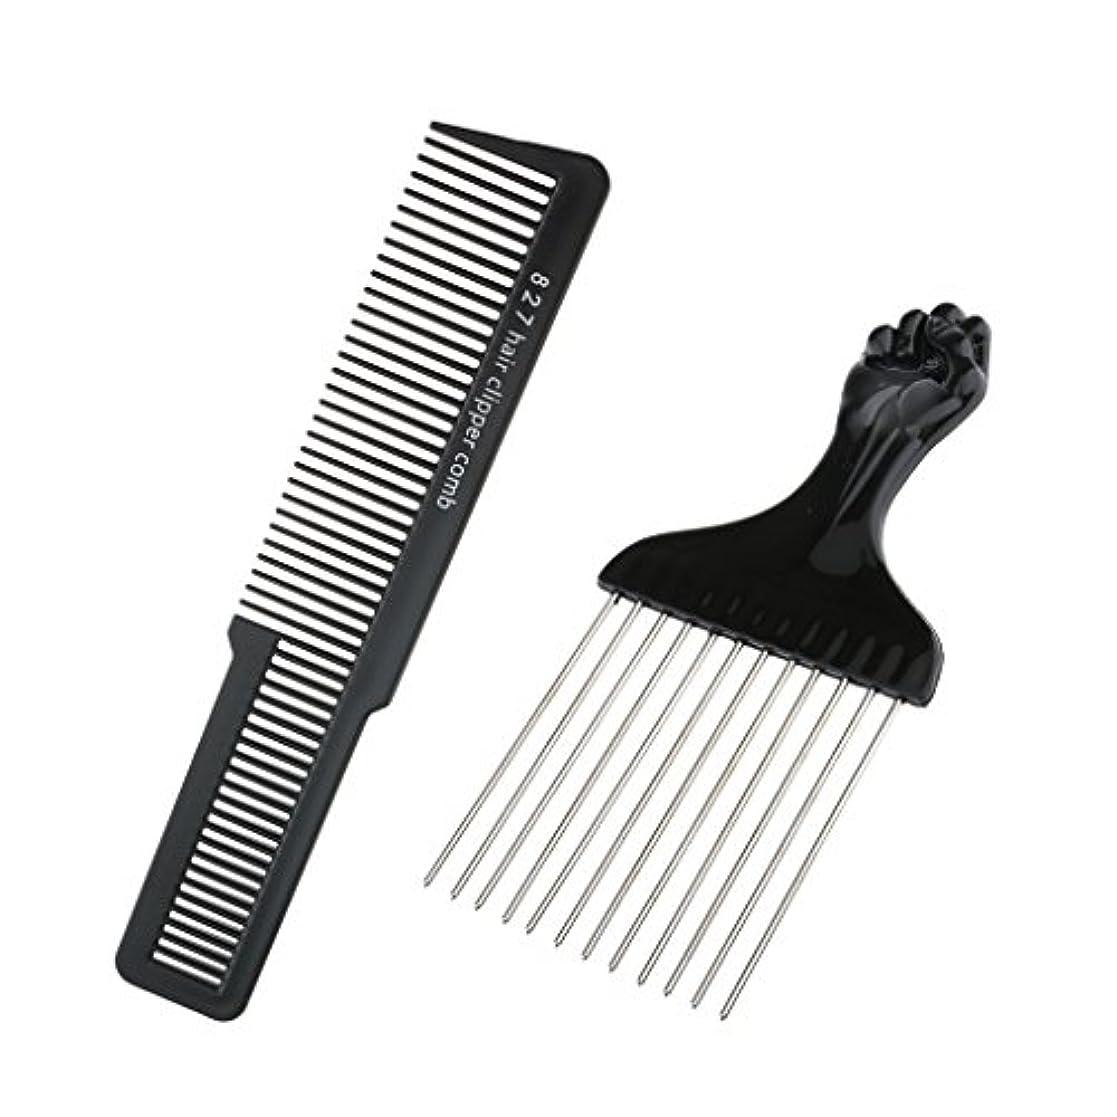 生産的玉支払い美容院の理髪師のヘアスタイリングセットの毛の切断のクリッパーの櫛セットが付いている黒いステンレス鋼のアフロピックブラシ